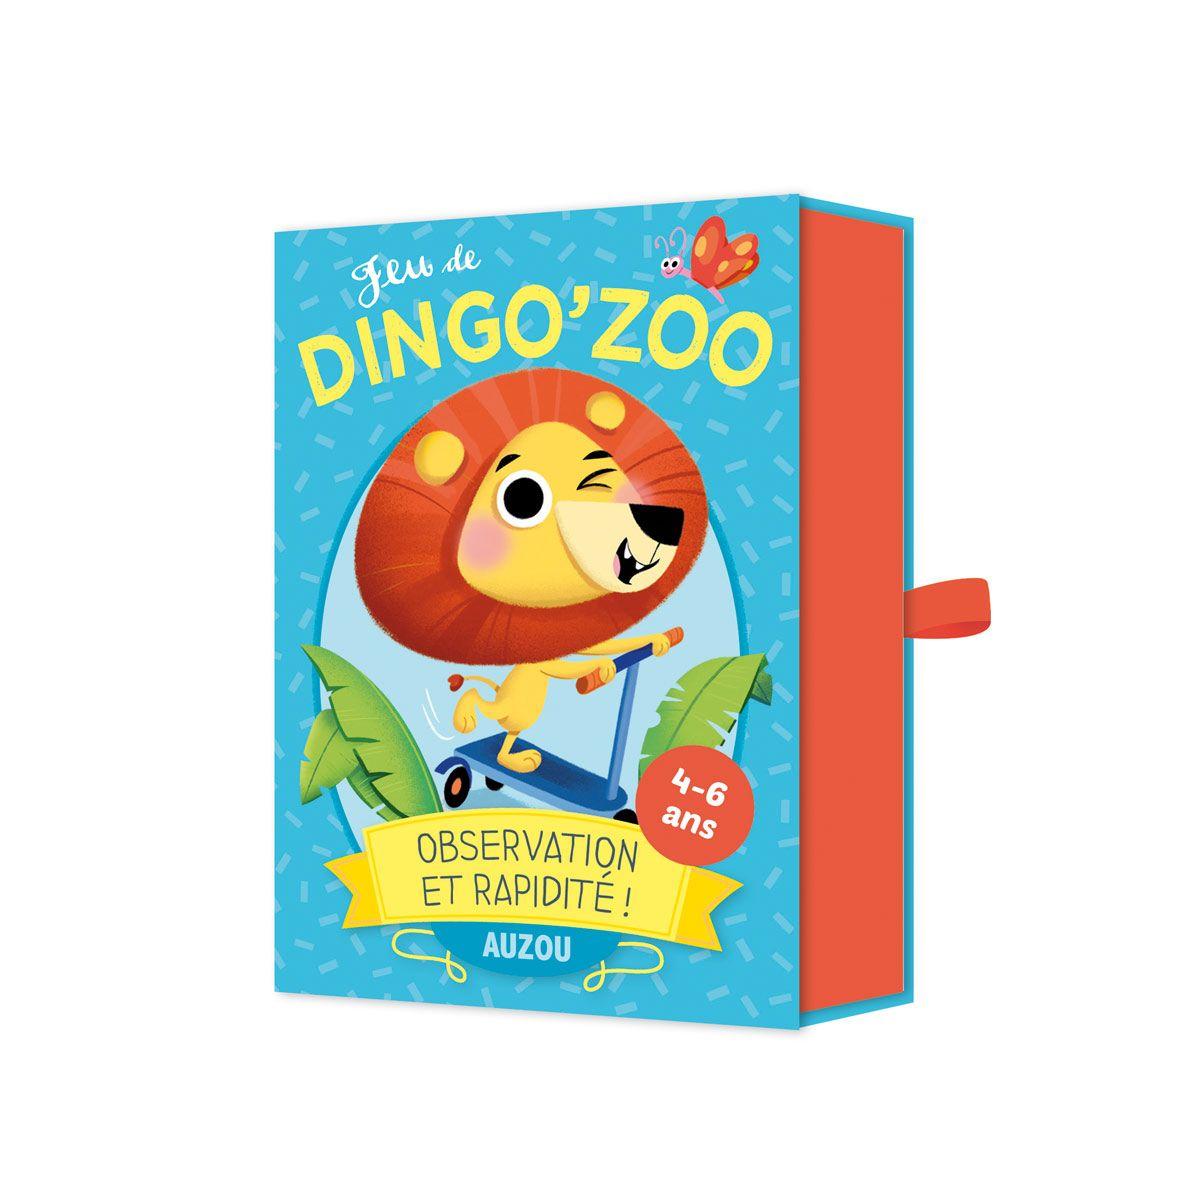 Jeu De Cartes Dingo'zoo Pour Enfant De 4 Ans À 6 Ans à Jeux Gratuit Pour Fille De 6 Ans